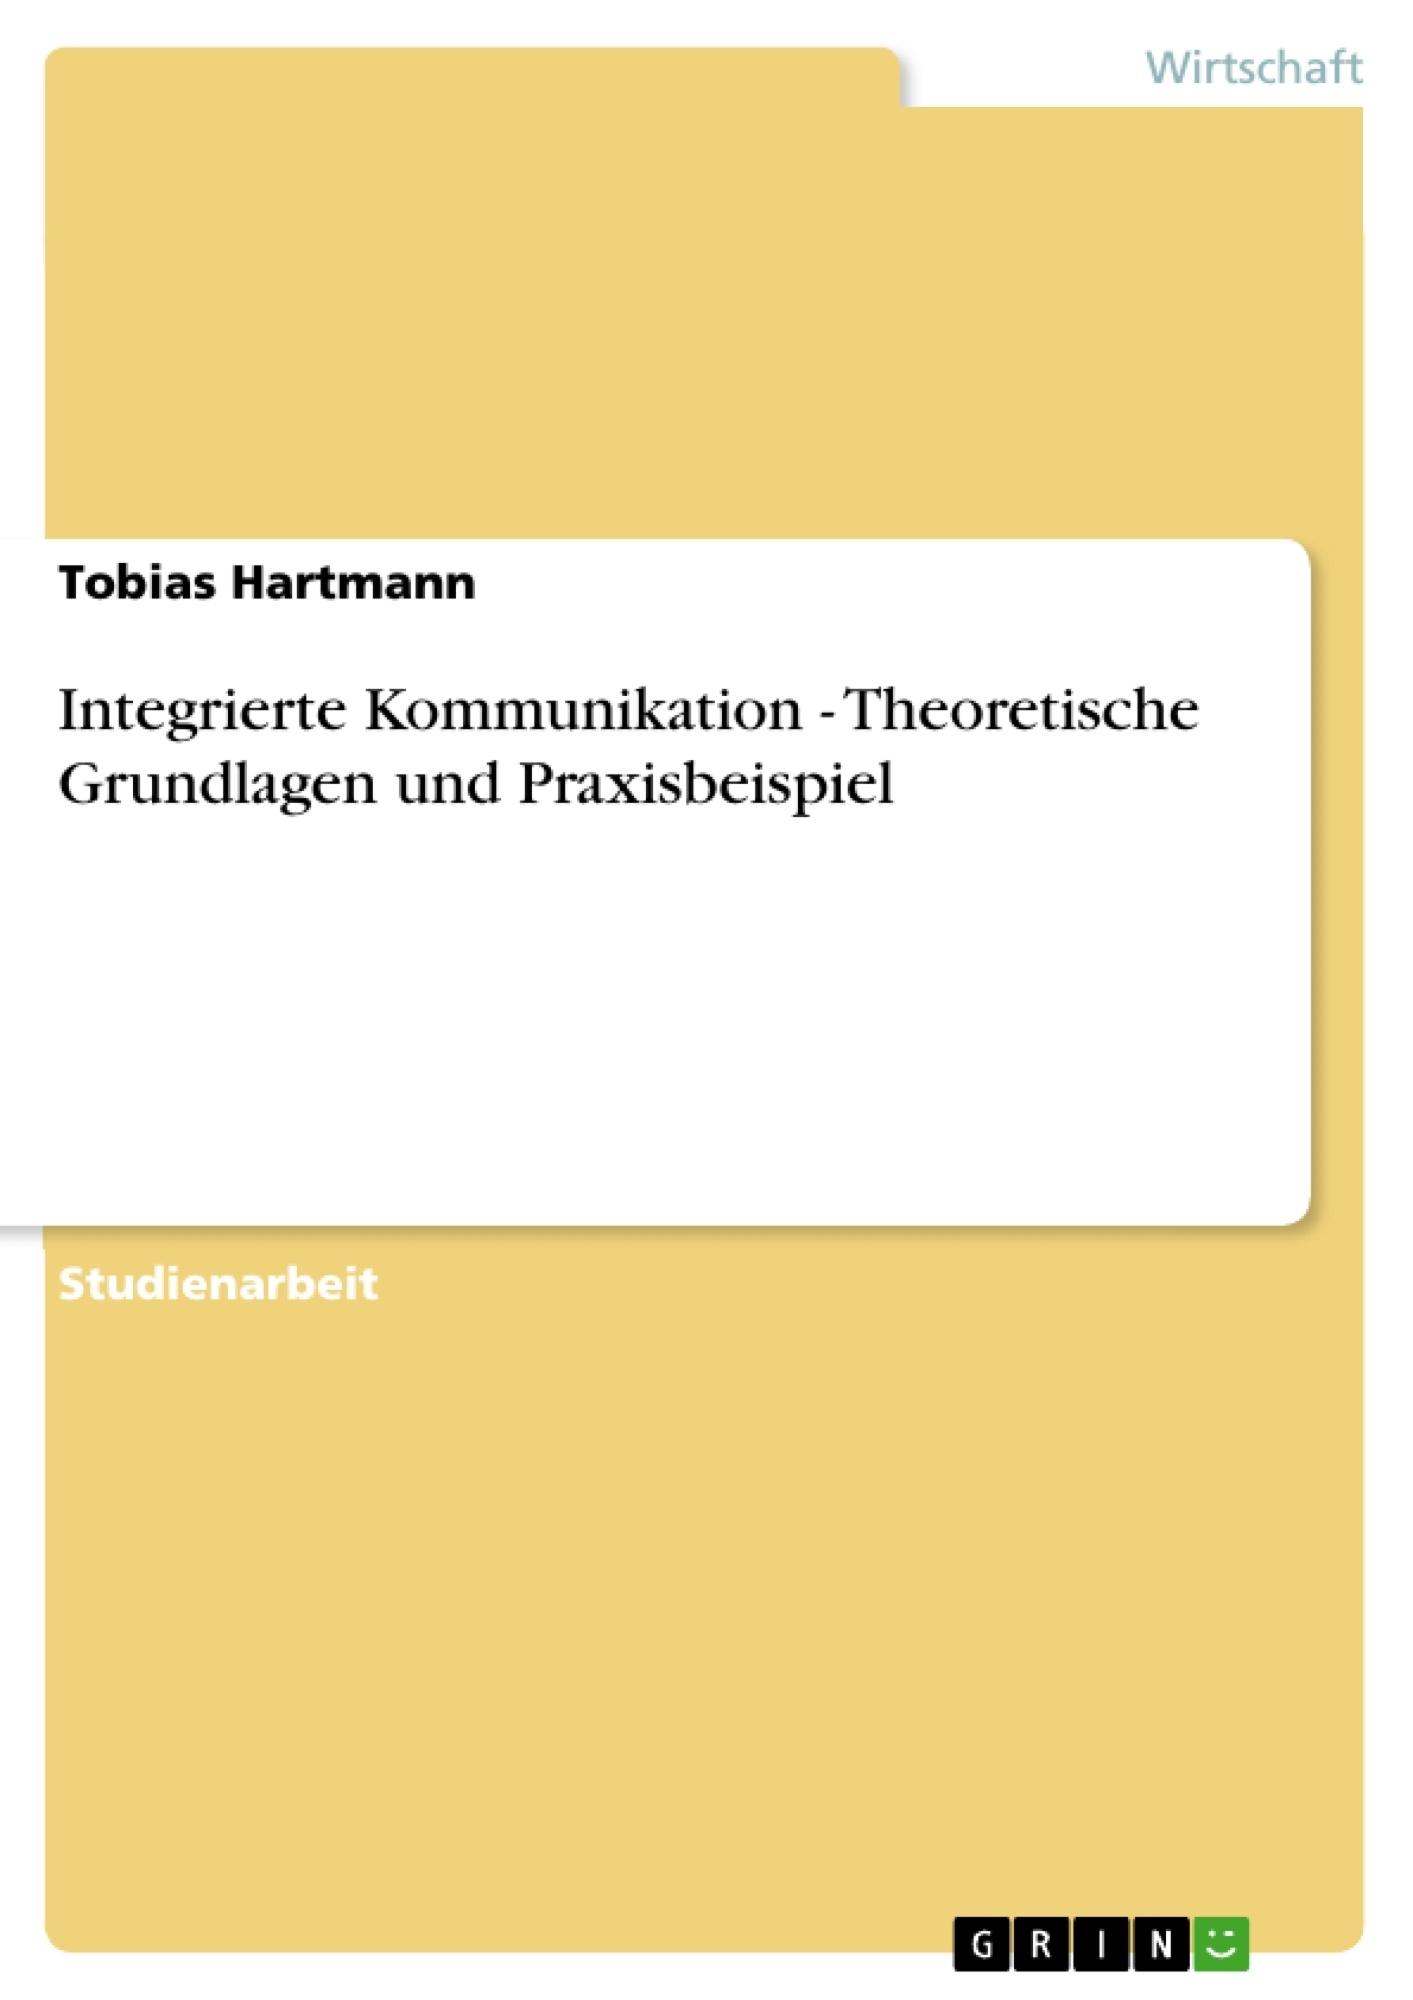 Titel: Integrierte Kommunikation - Theoretische Grundlagen und Praxisbeispiel